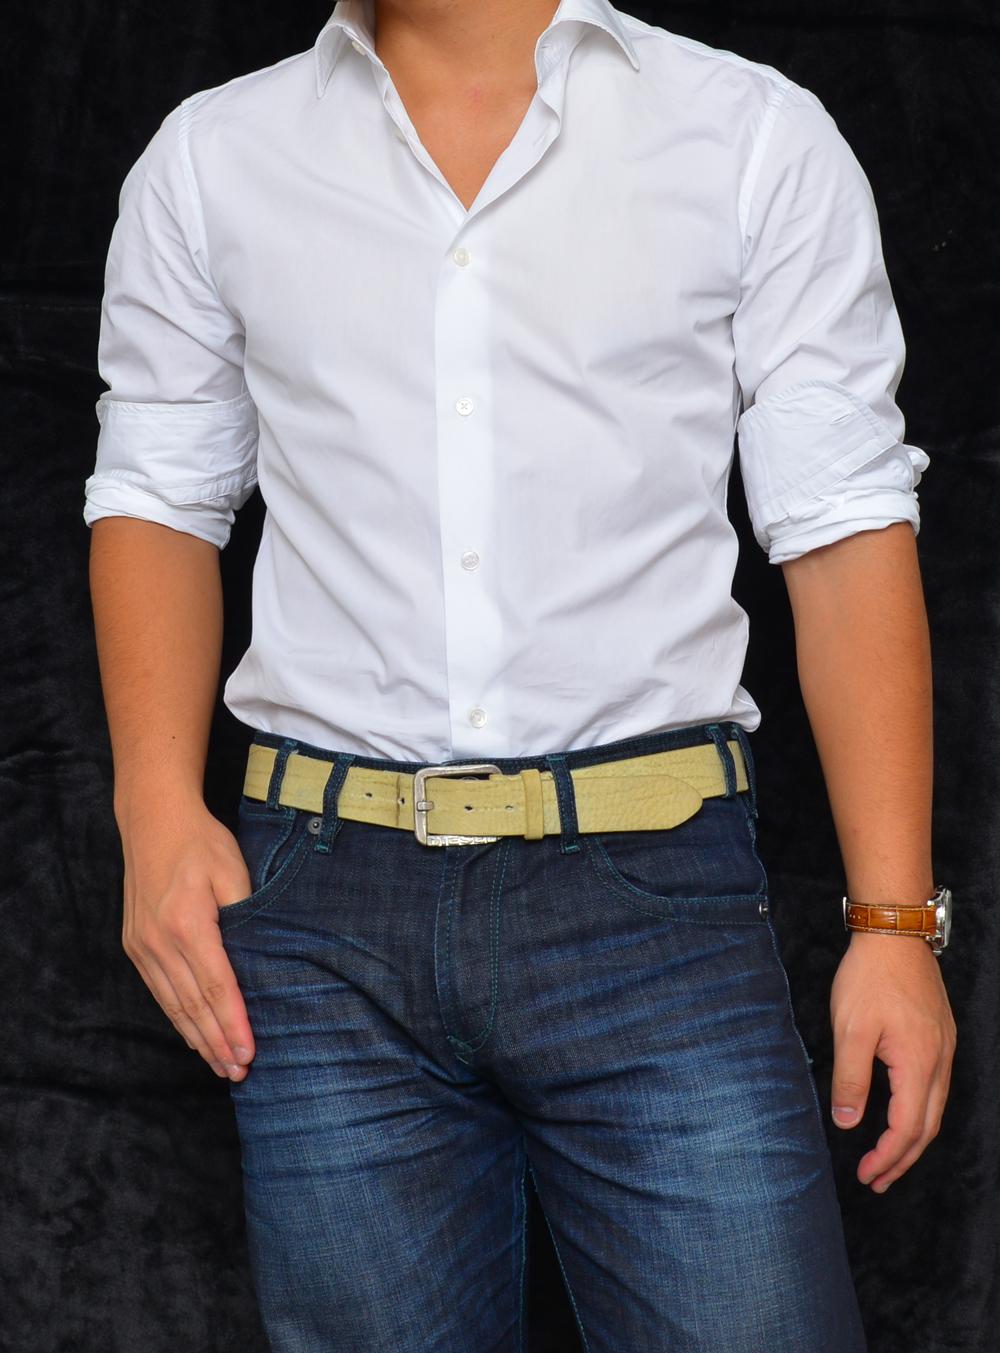 ワイシャツはカジュアルに着れるのか